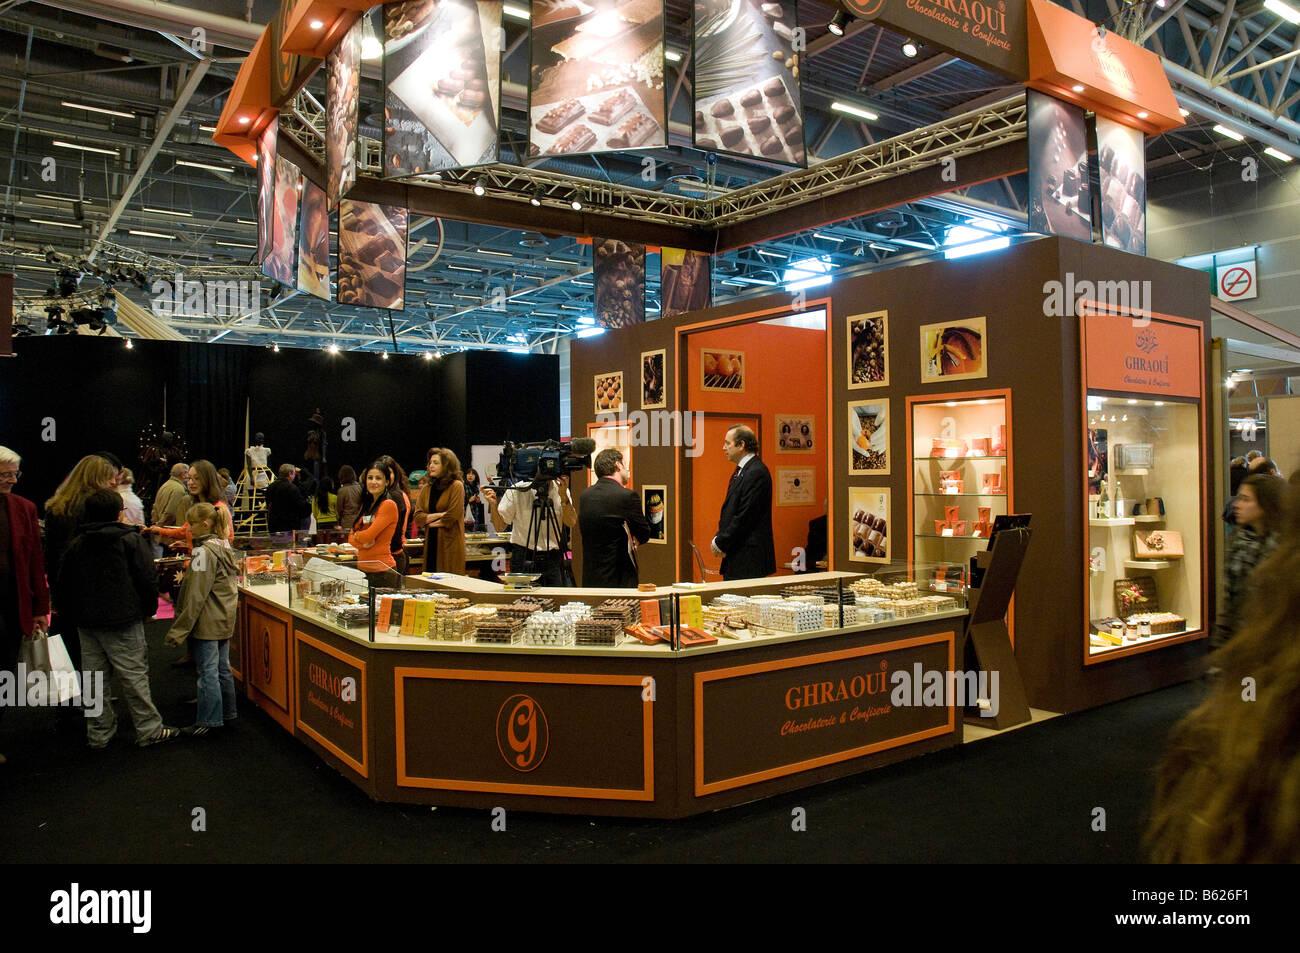 Ghraoui Chocolate stand at the Paris Salon du Chocolat 2008 Stock Photo 20947333  Alamy